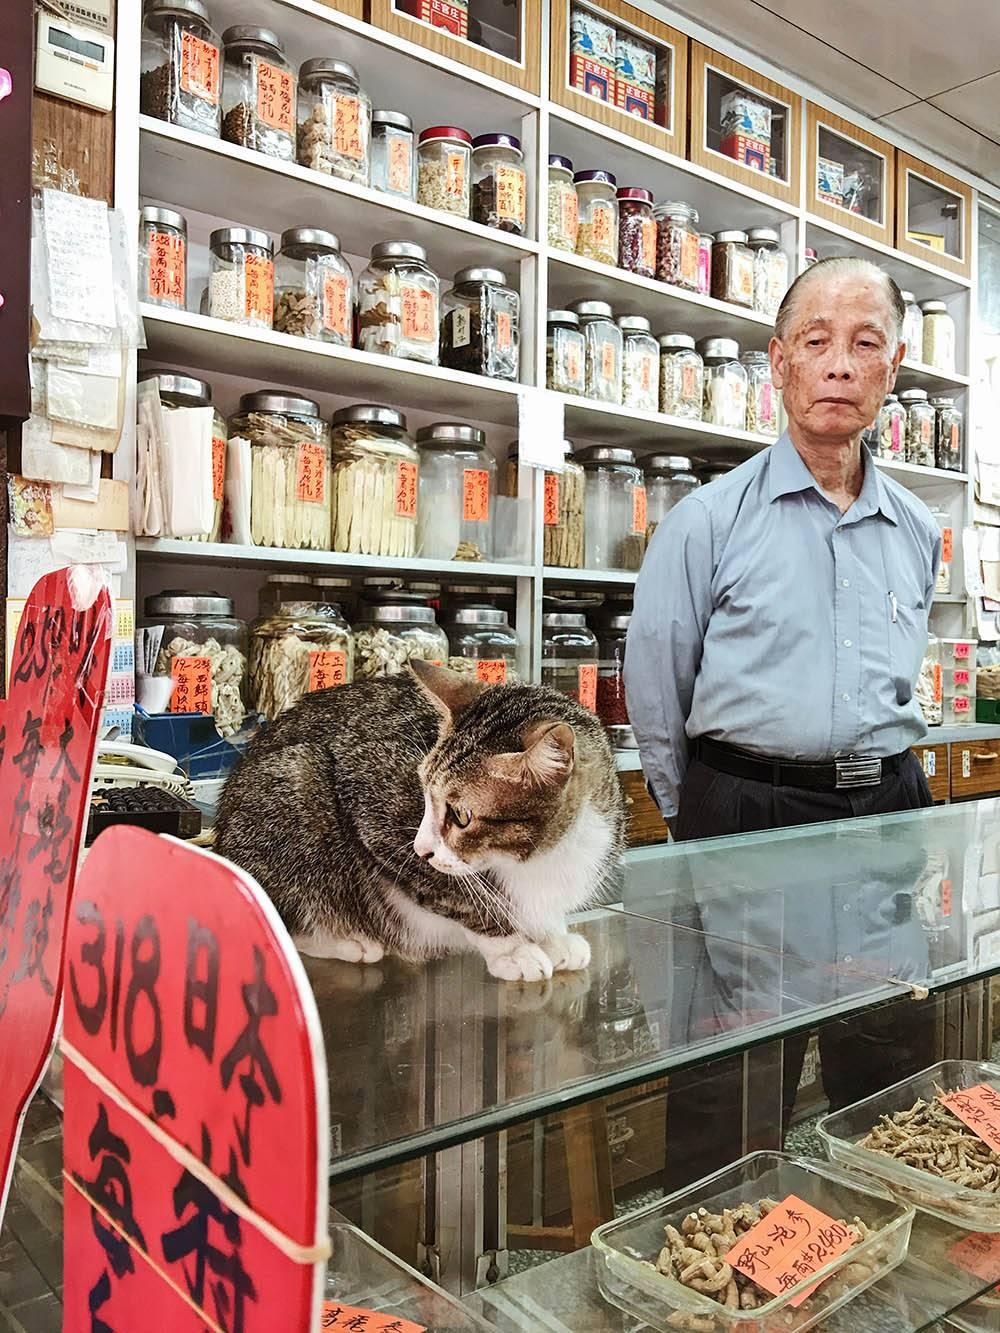 Так выглядит лавка, где можно купить ингредиенты для китайского лечебного чая, если не заказываете готовую смесь в аптеке, а варите сами